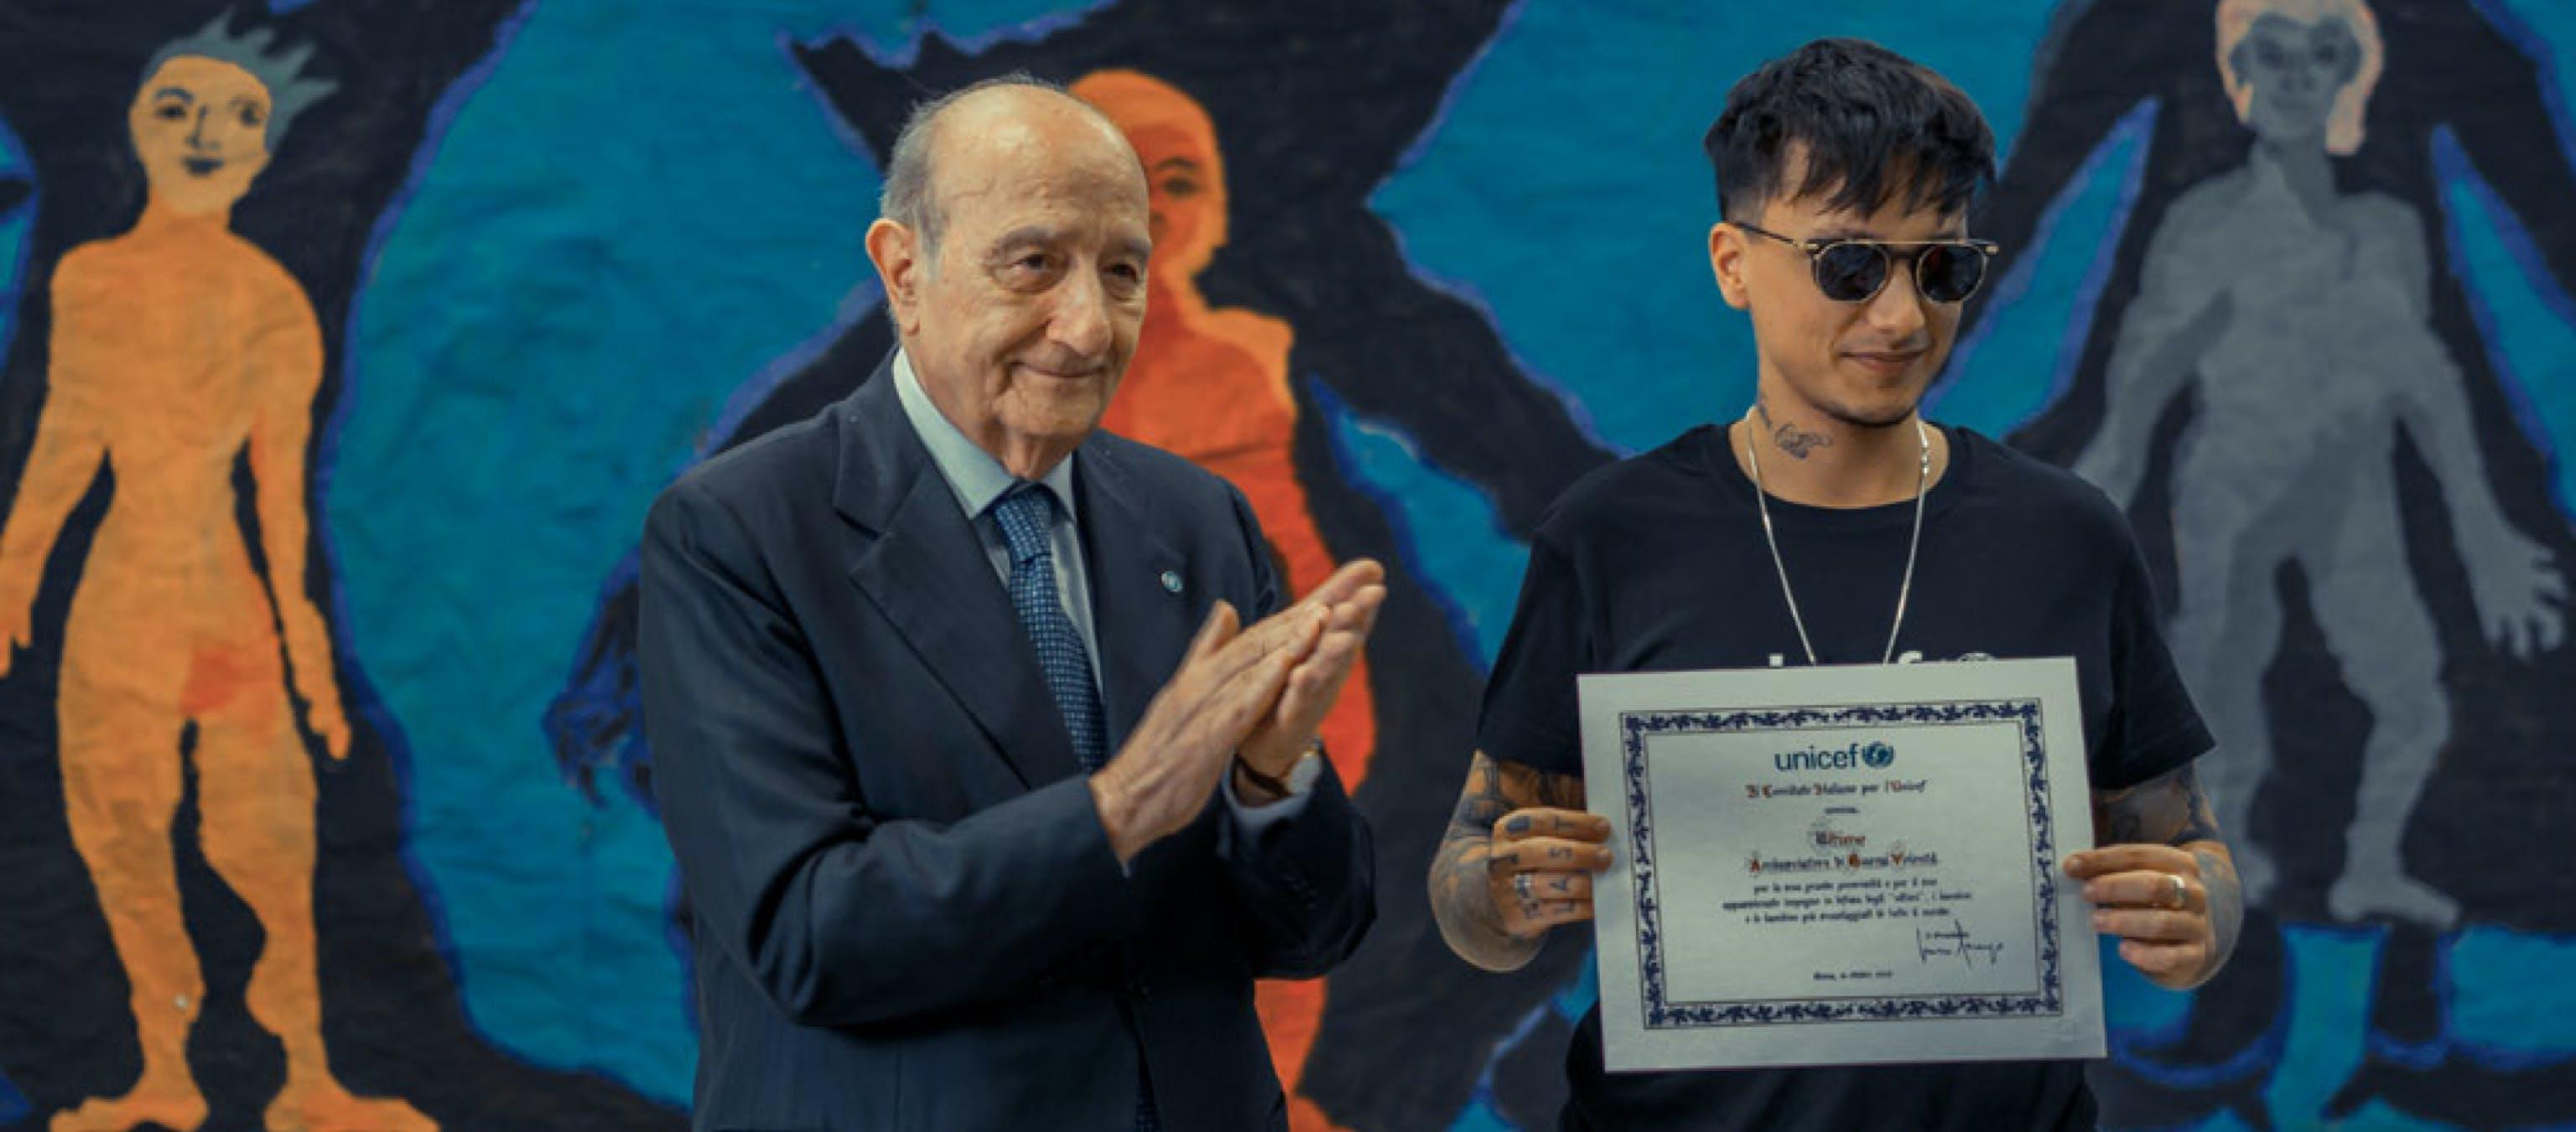 UNICEF Italia nomina Ultimo come ambasciatore